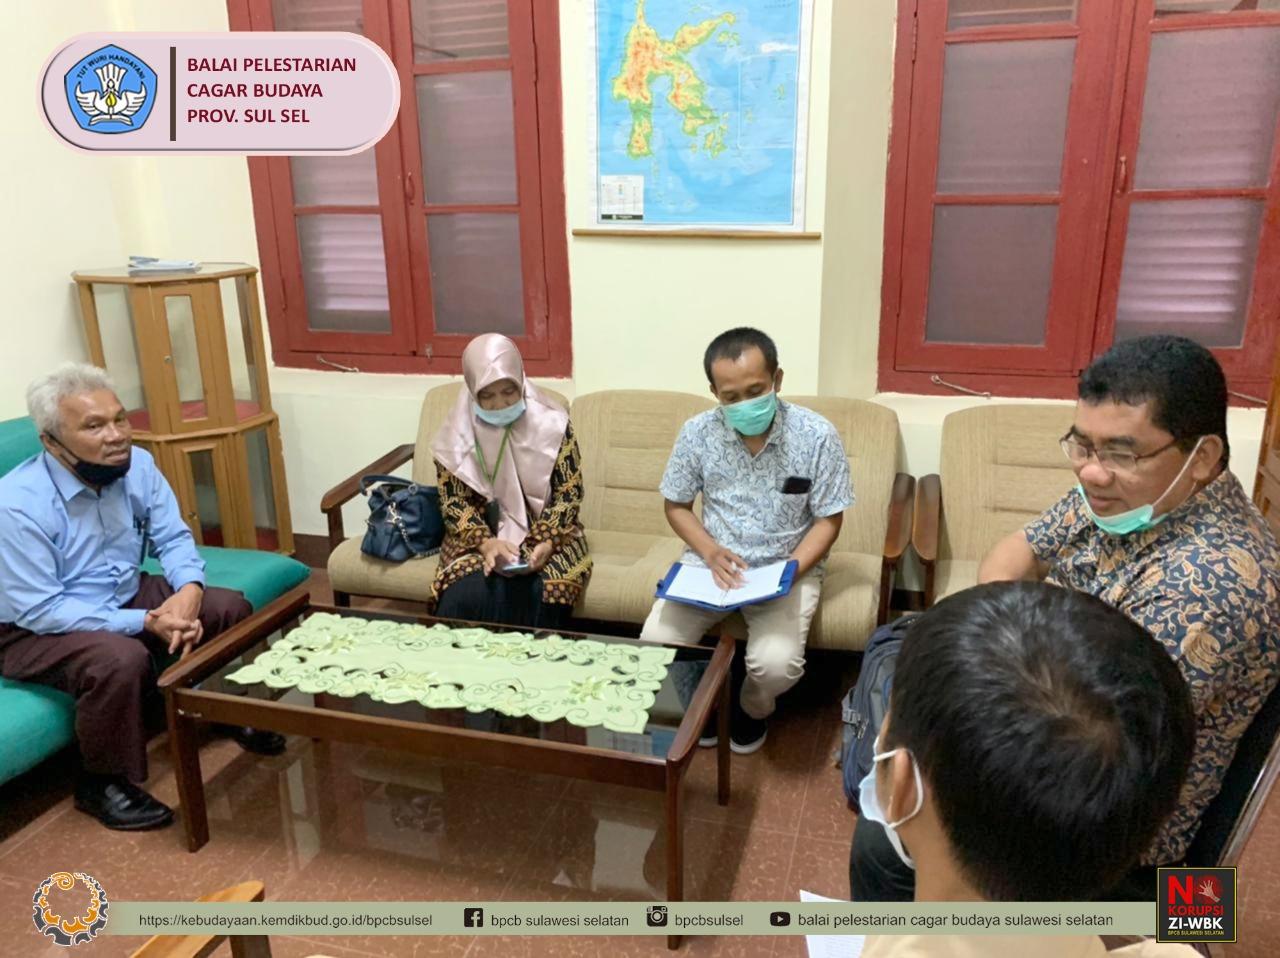 Konsultasi Pengadilan Kota Baubau kepada Balai Pelestarian Cagar Budaya Provinsi Sulawesi Selatan